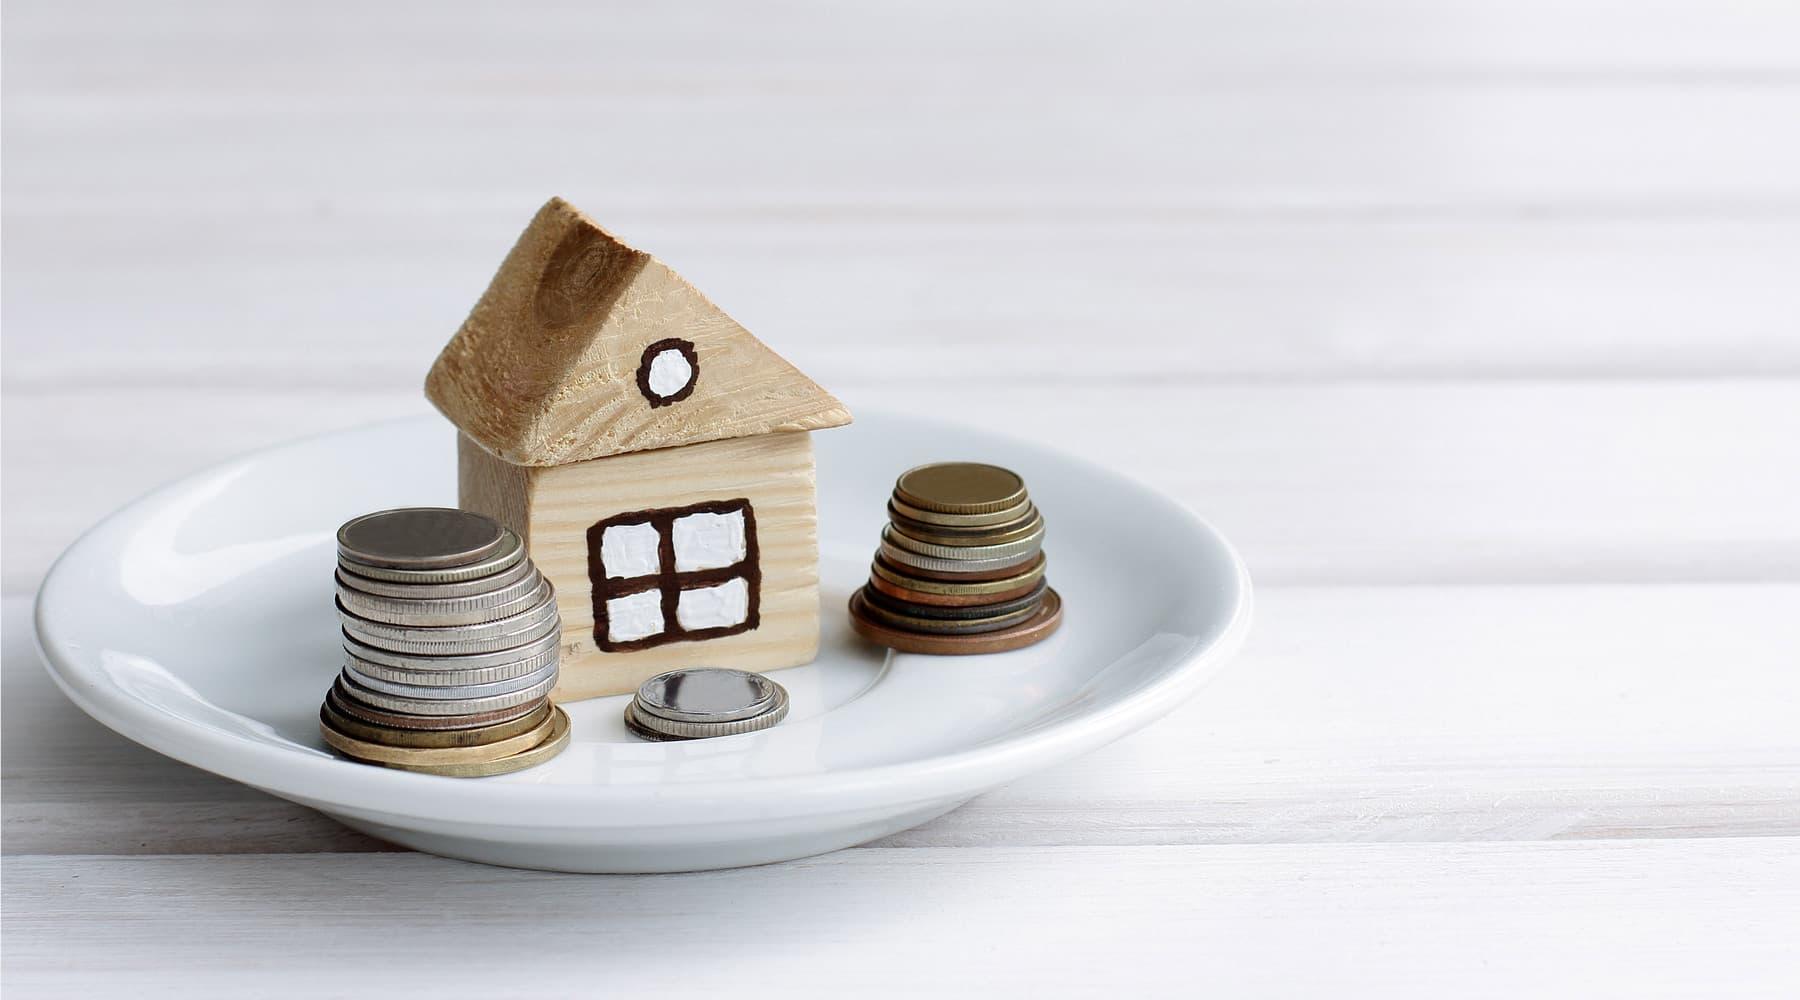 Кто может взять ипотеку на жилье: 4 фактора, влияющих на отказ 0